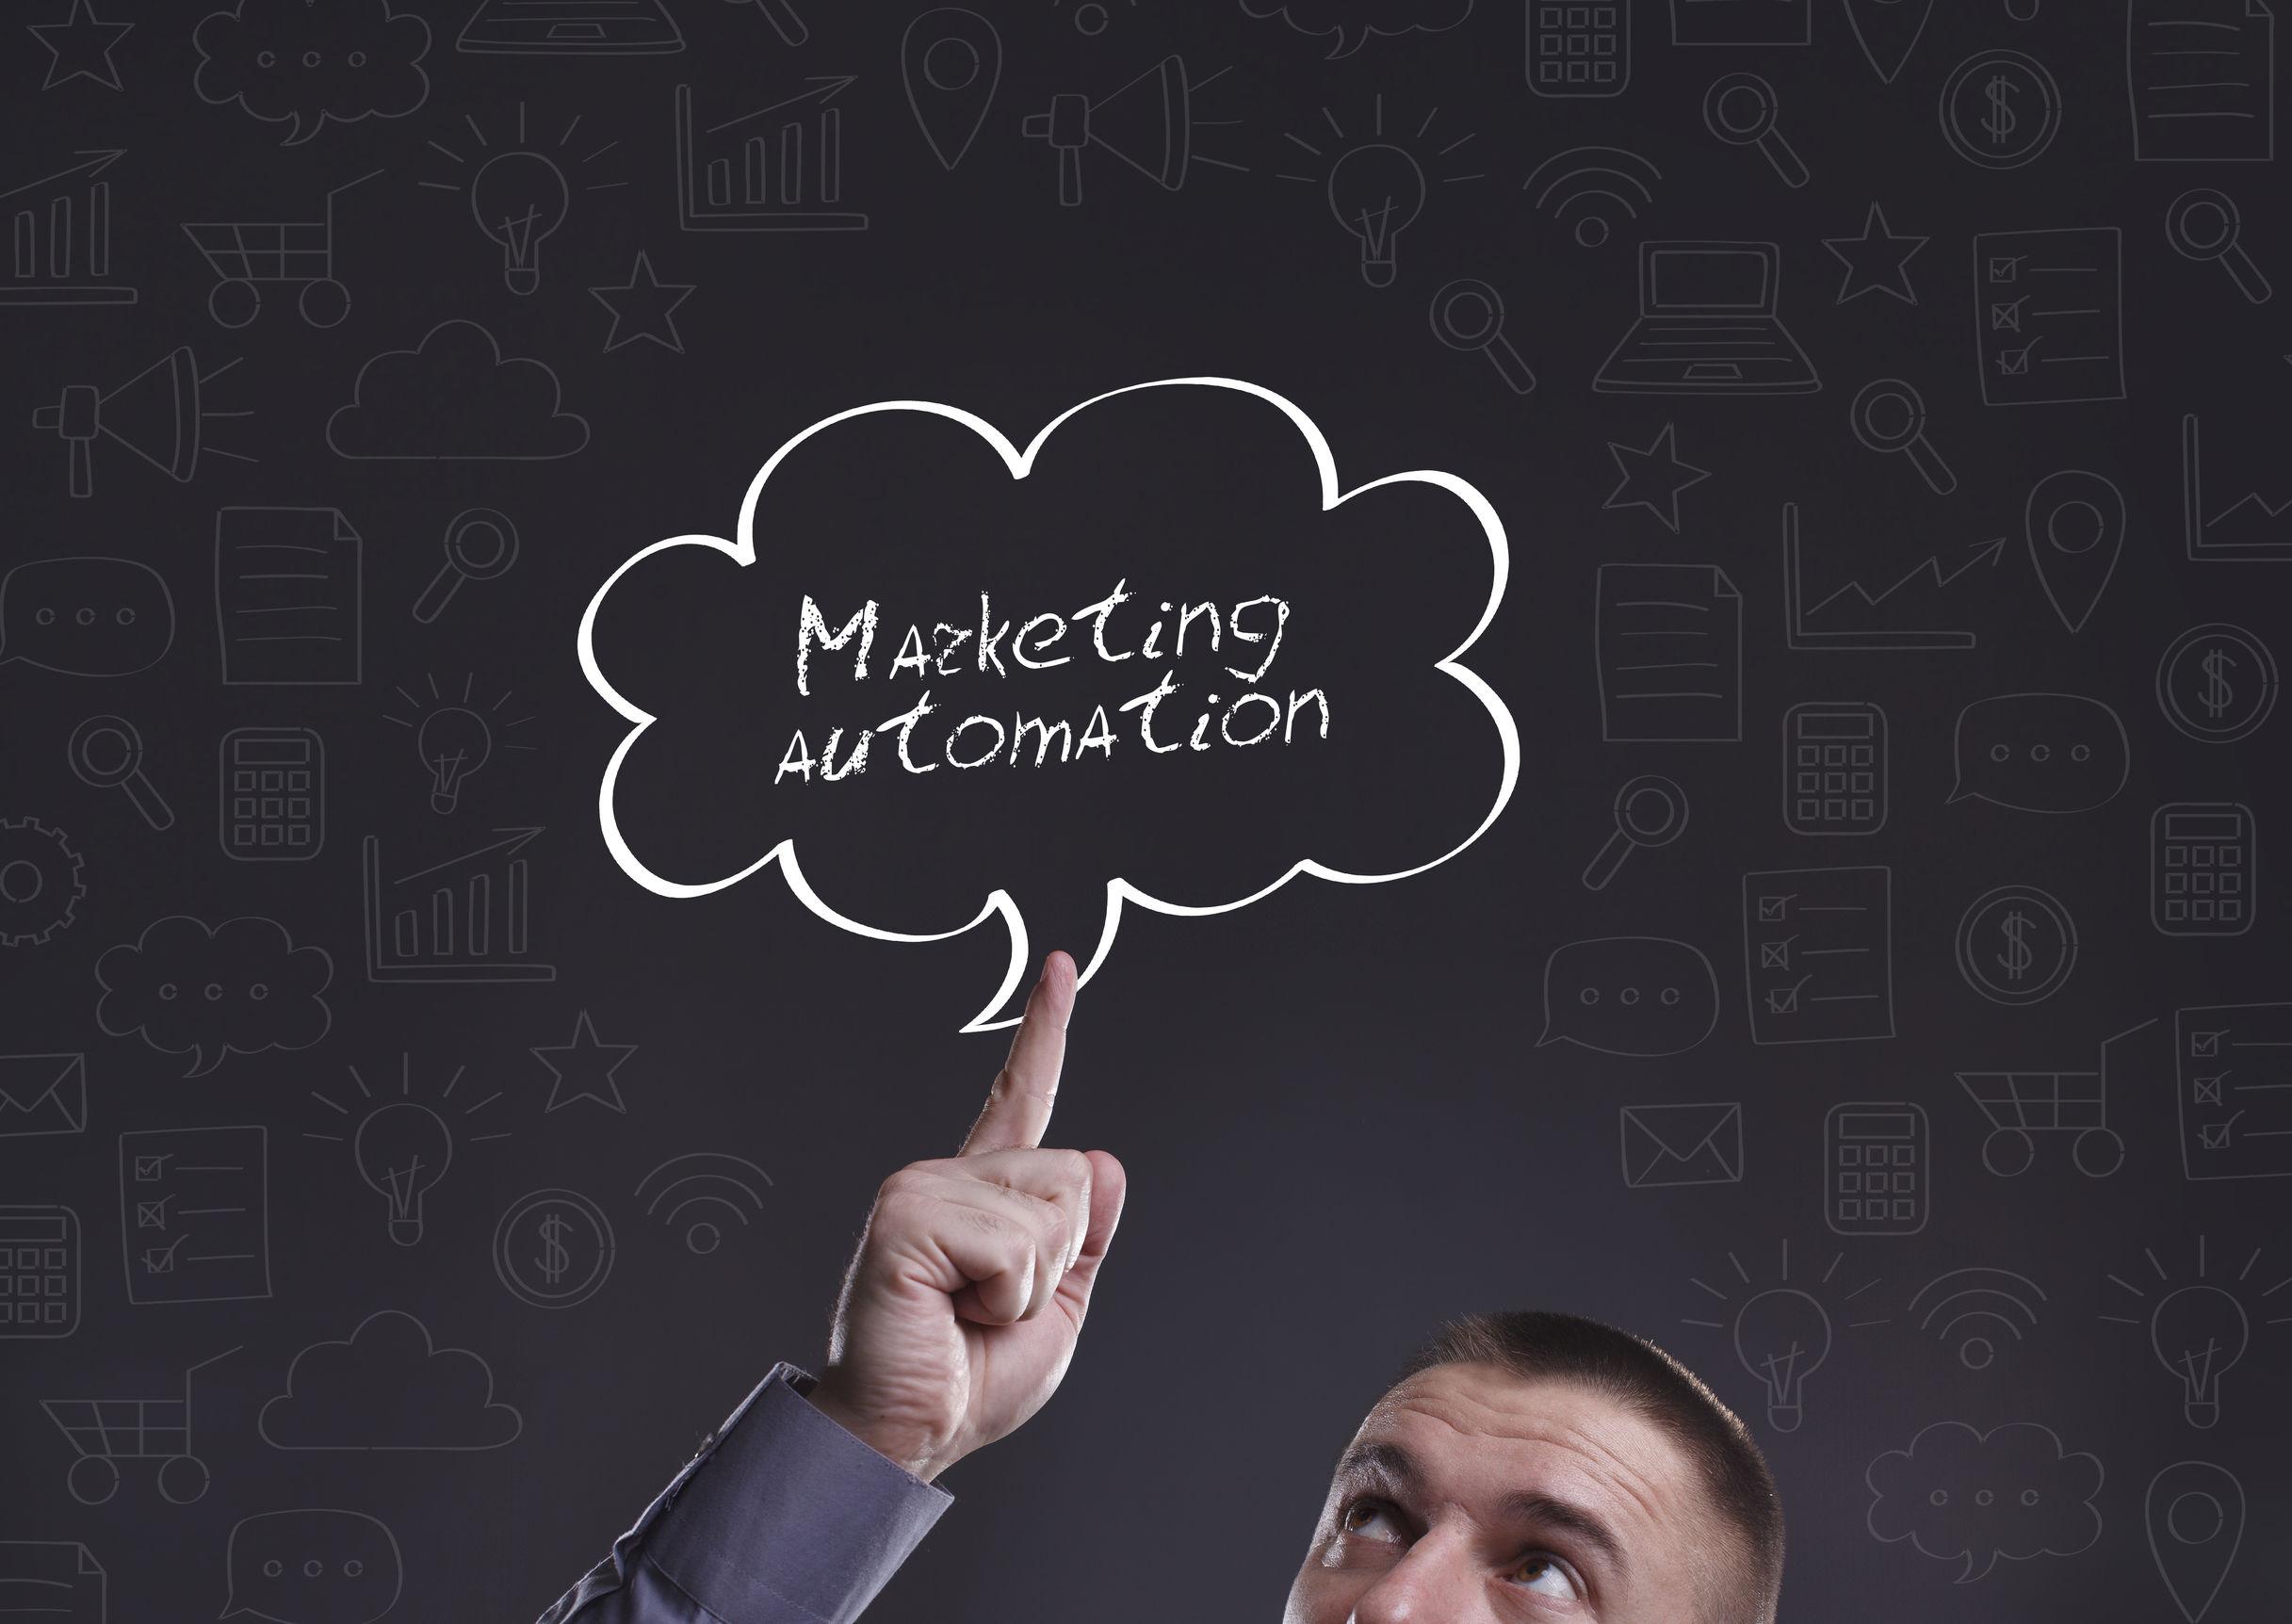 herramienta-de-automatizacion-de-marketing